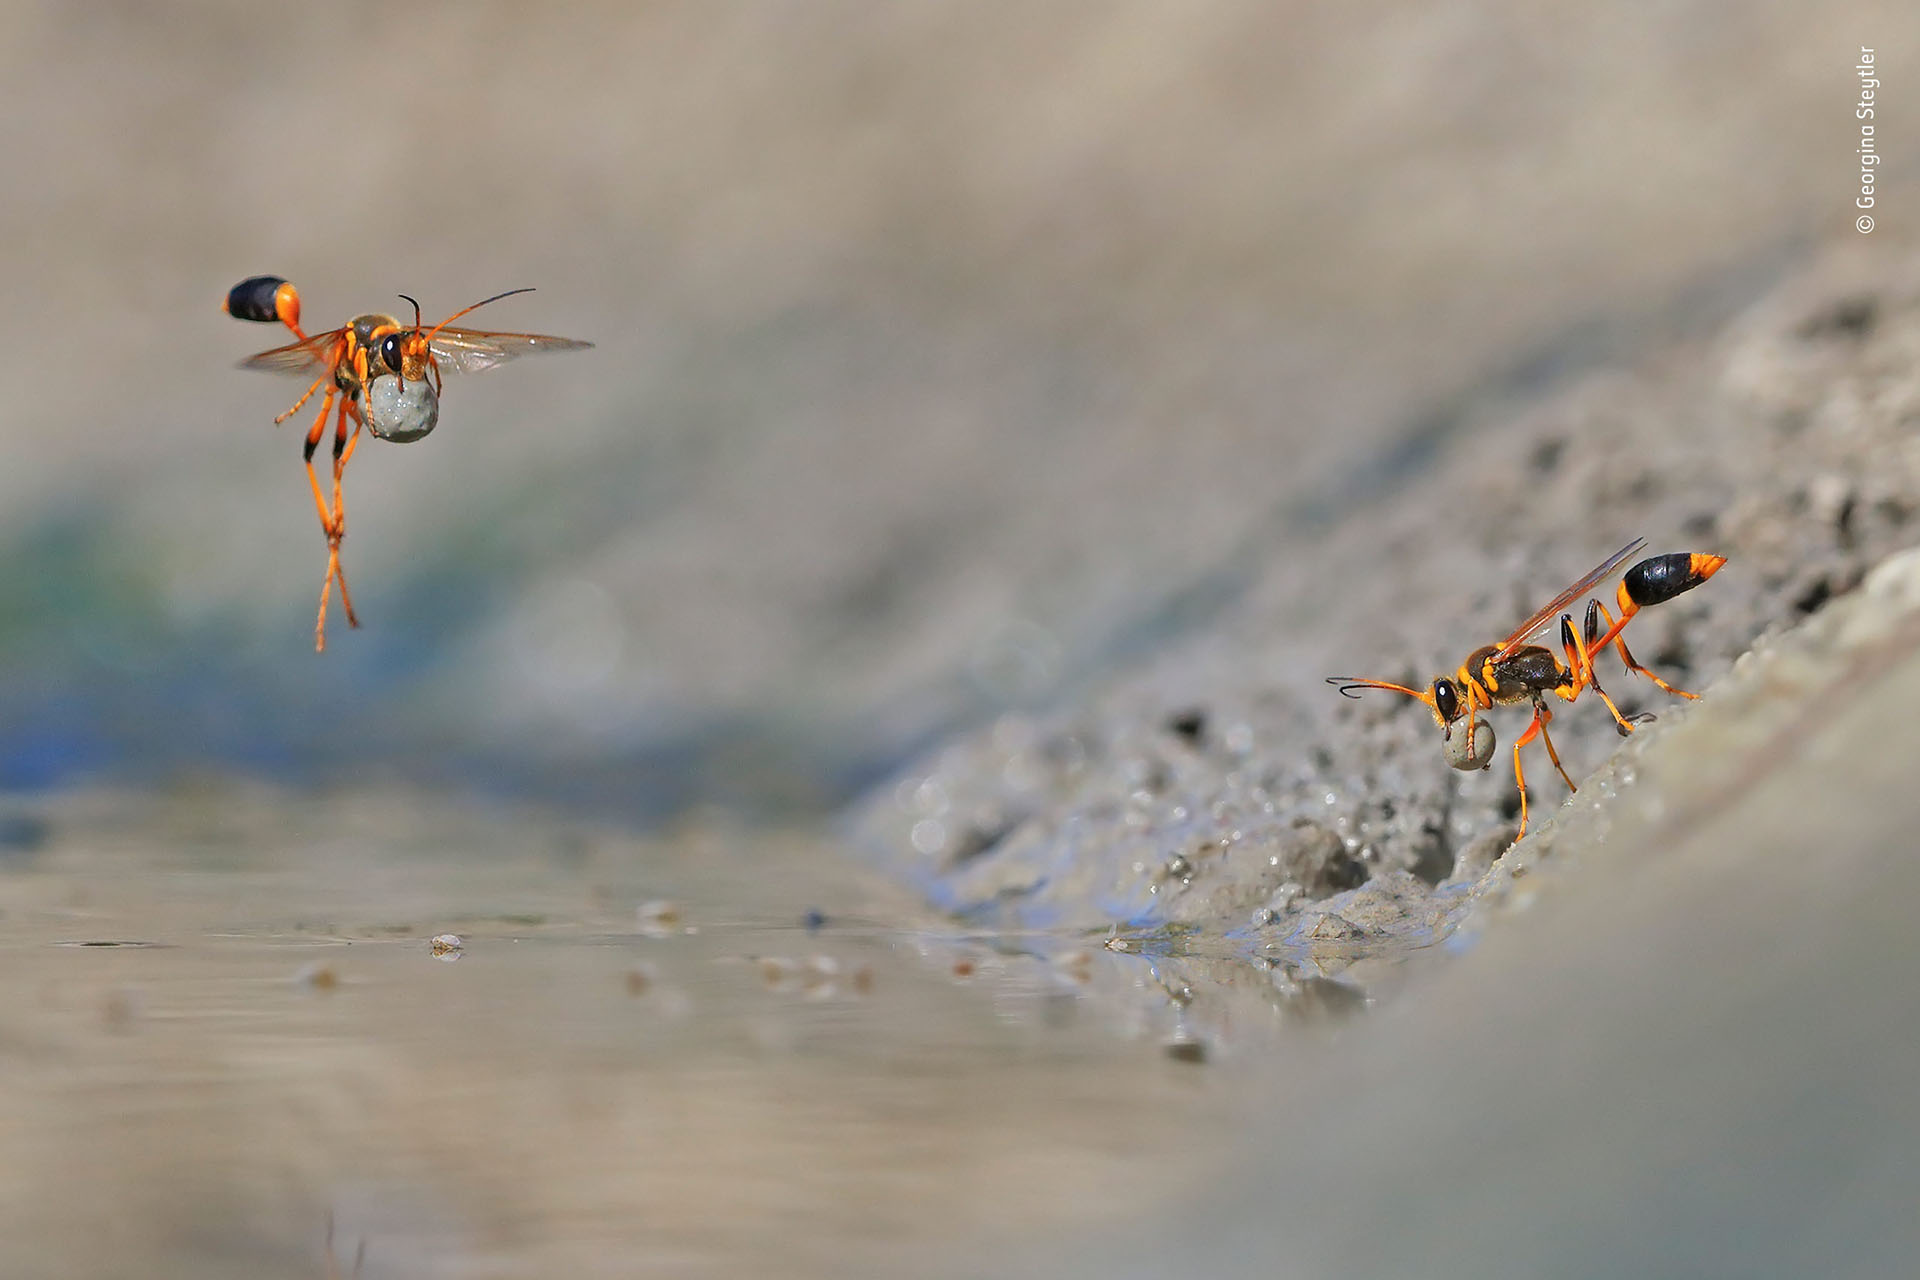 """Georgina Steytler (Australia), categoría Comportamiento de invertebrados. """"Mud-Rolling Mud-Dauber"""", avispas recolectan pequeñas gotas de lodo para construir sus nidos, en una reserva de Australia"""